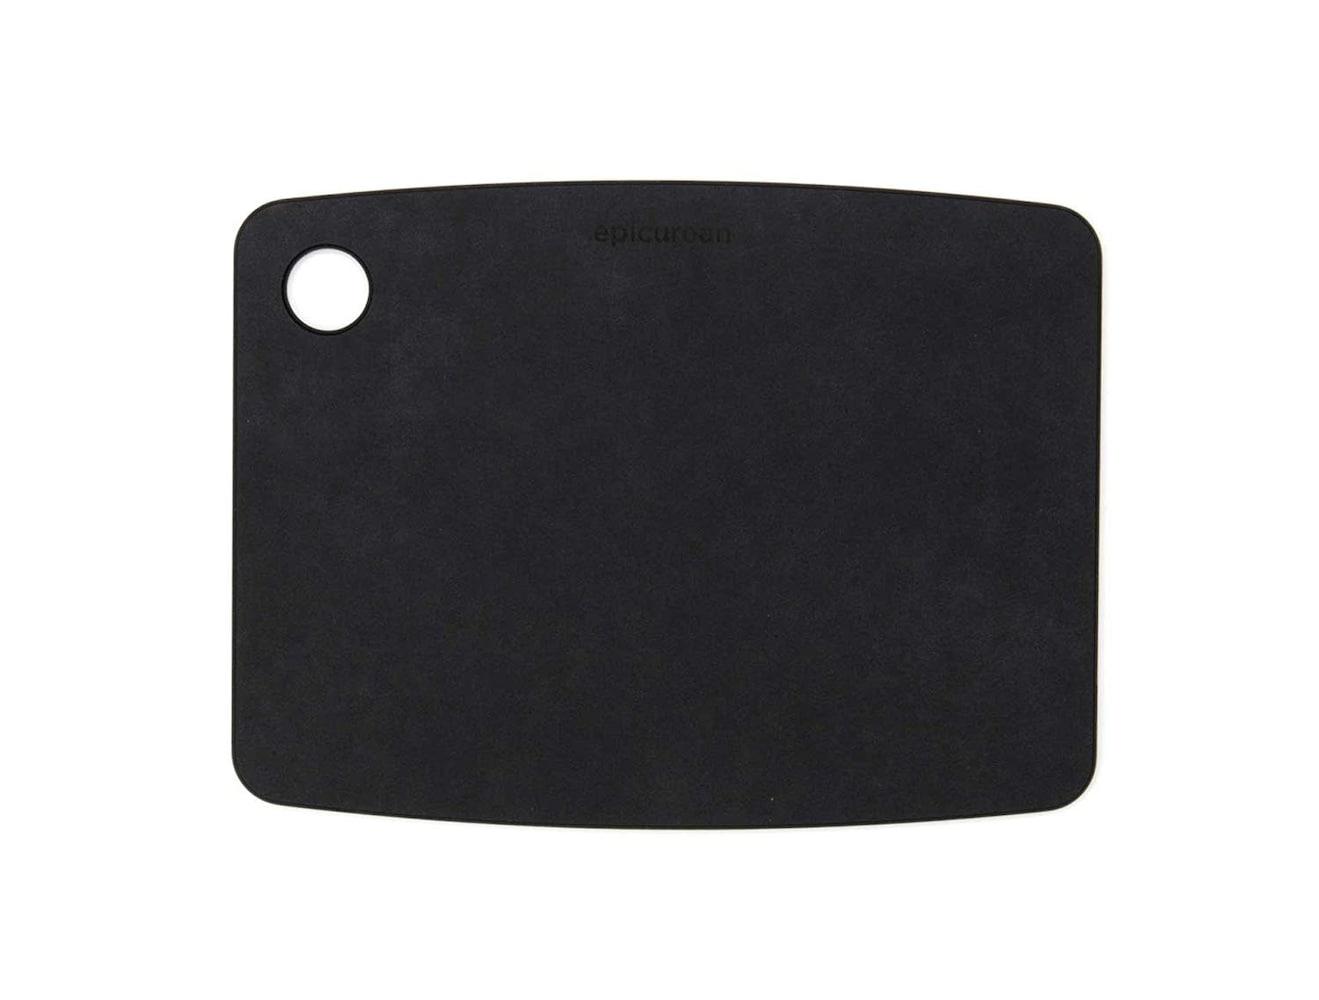 セルロース繊維加工品|高い耐久性で、包丁の刃にも優しい